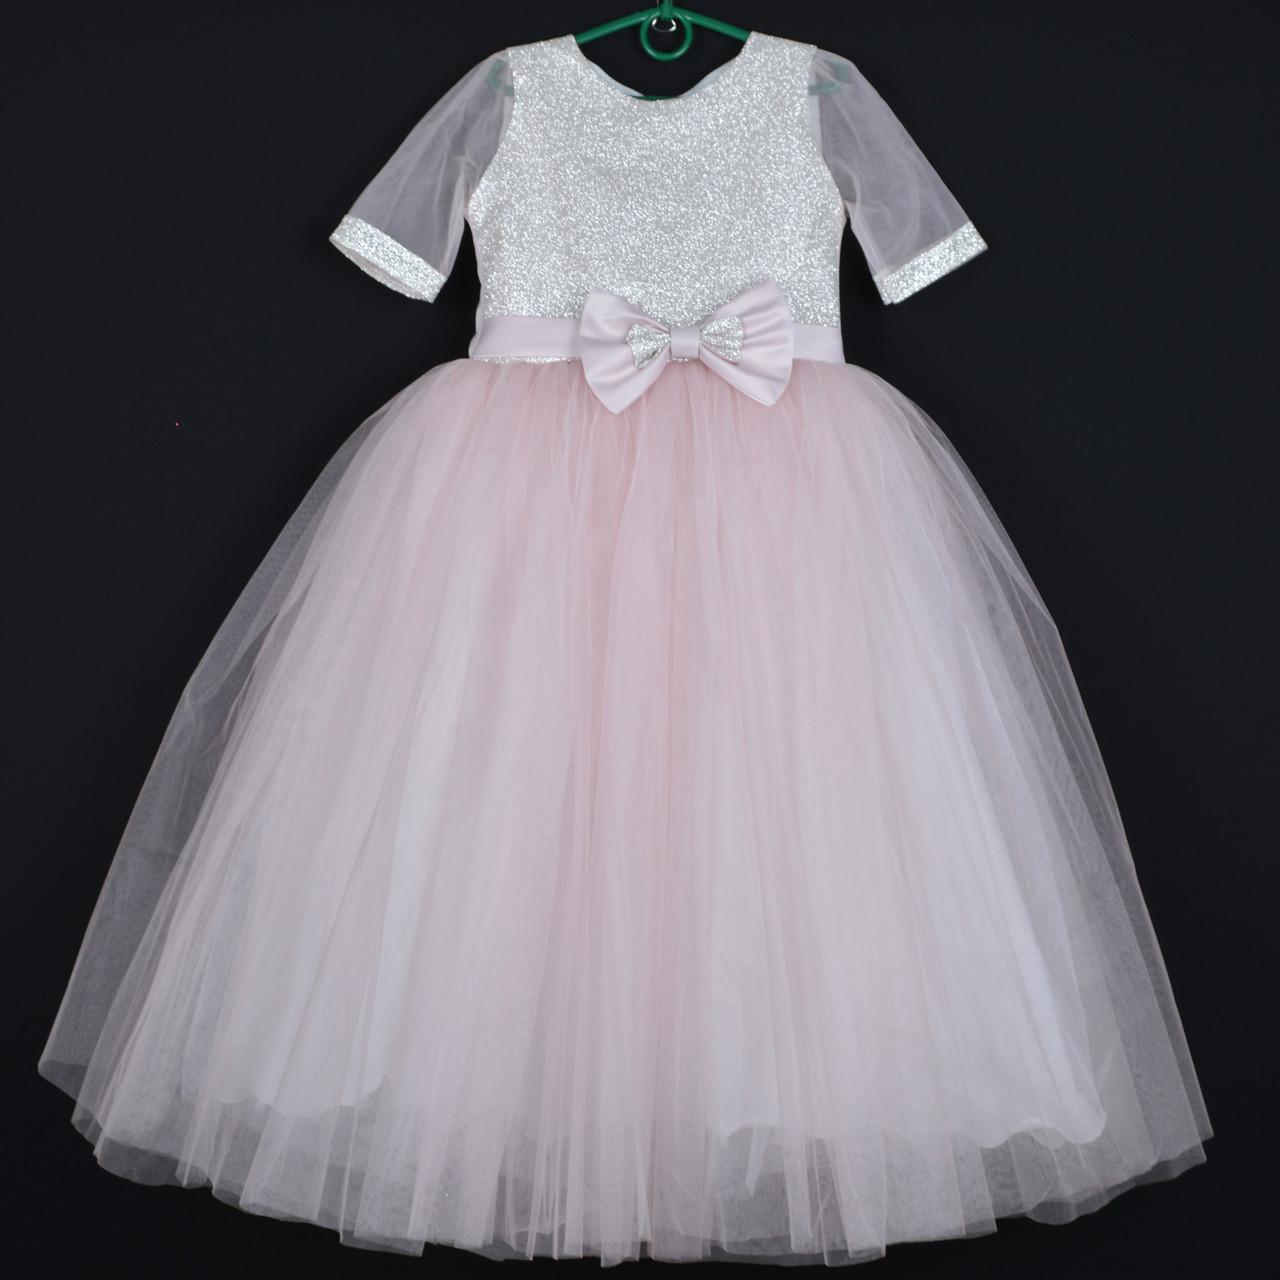 """Платье нарядное детское """"Ксения"""" с рукавчиком. 8-10 лет. Пудра. Оптом и в розницу"""